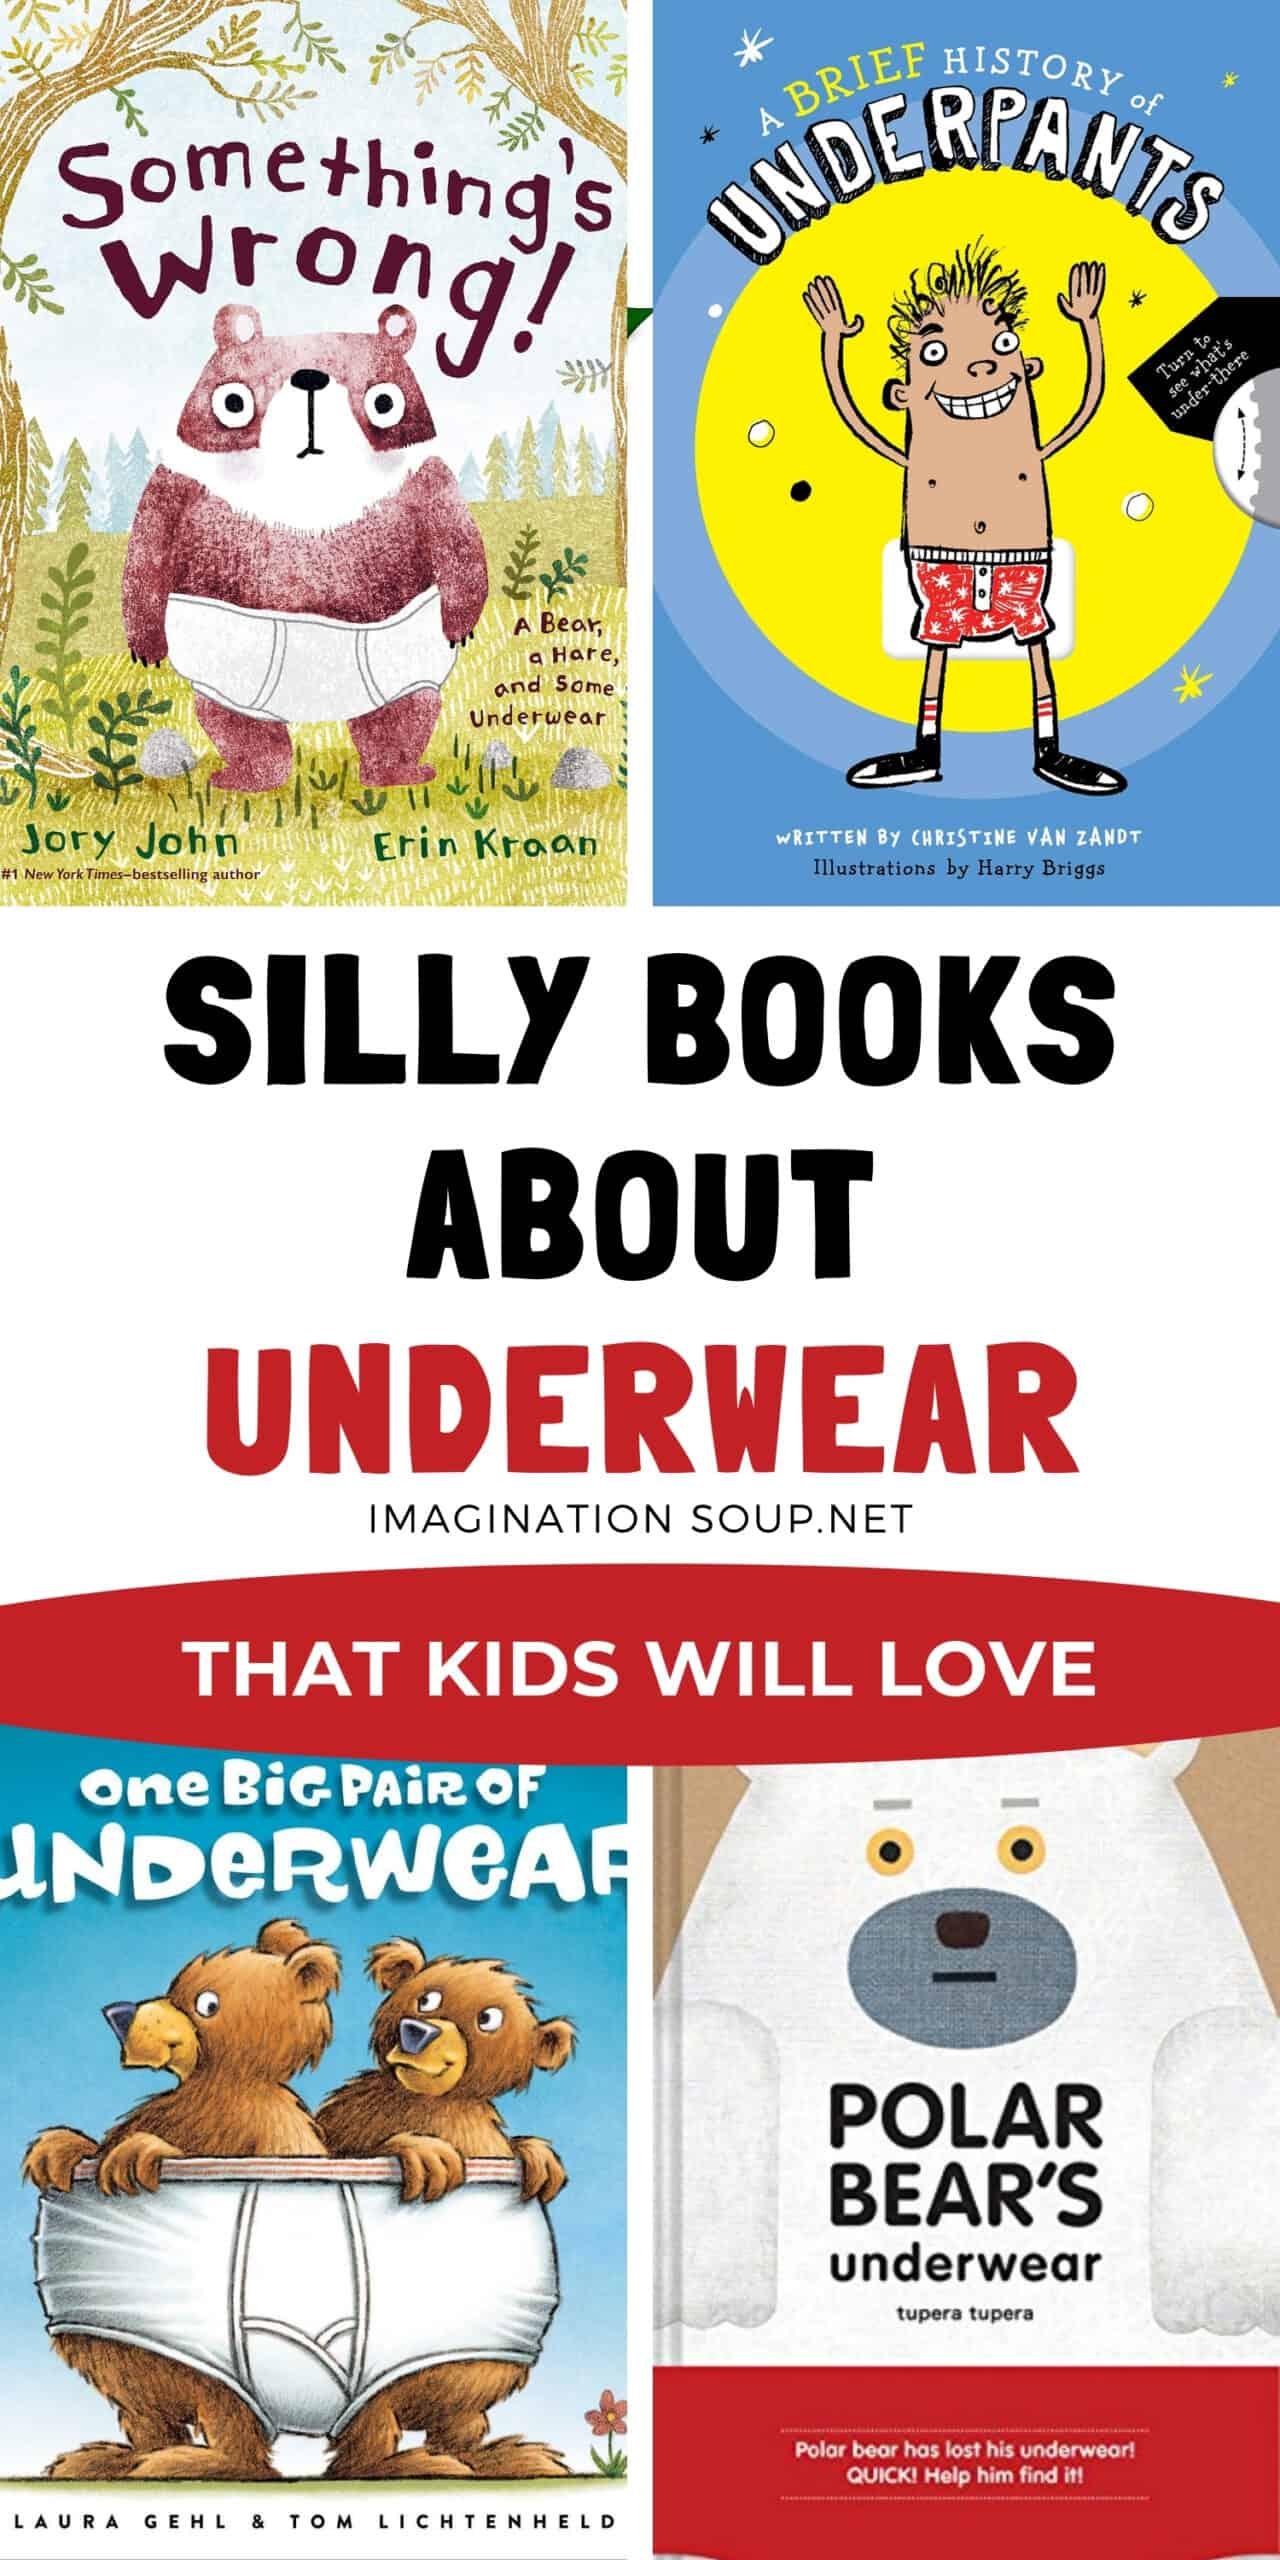 Children's Books about Underwear